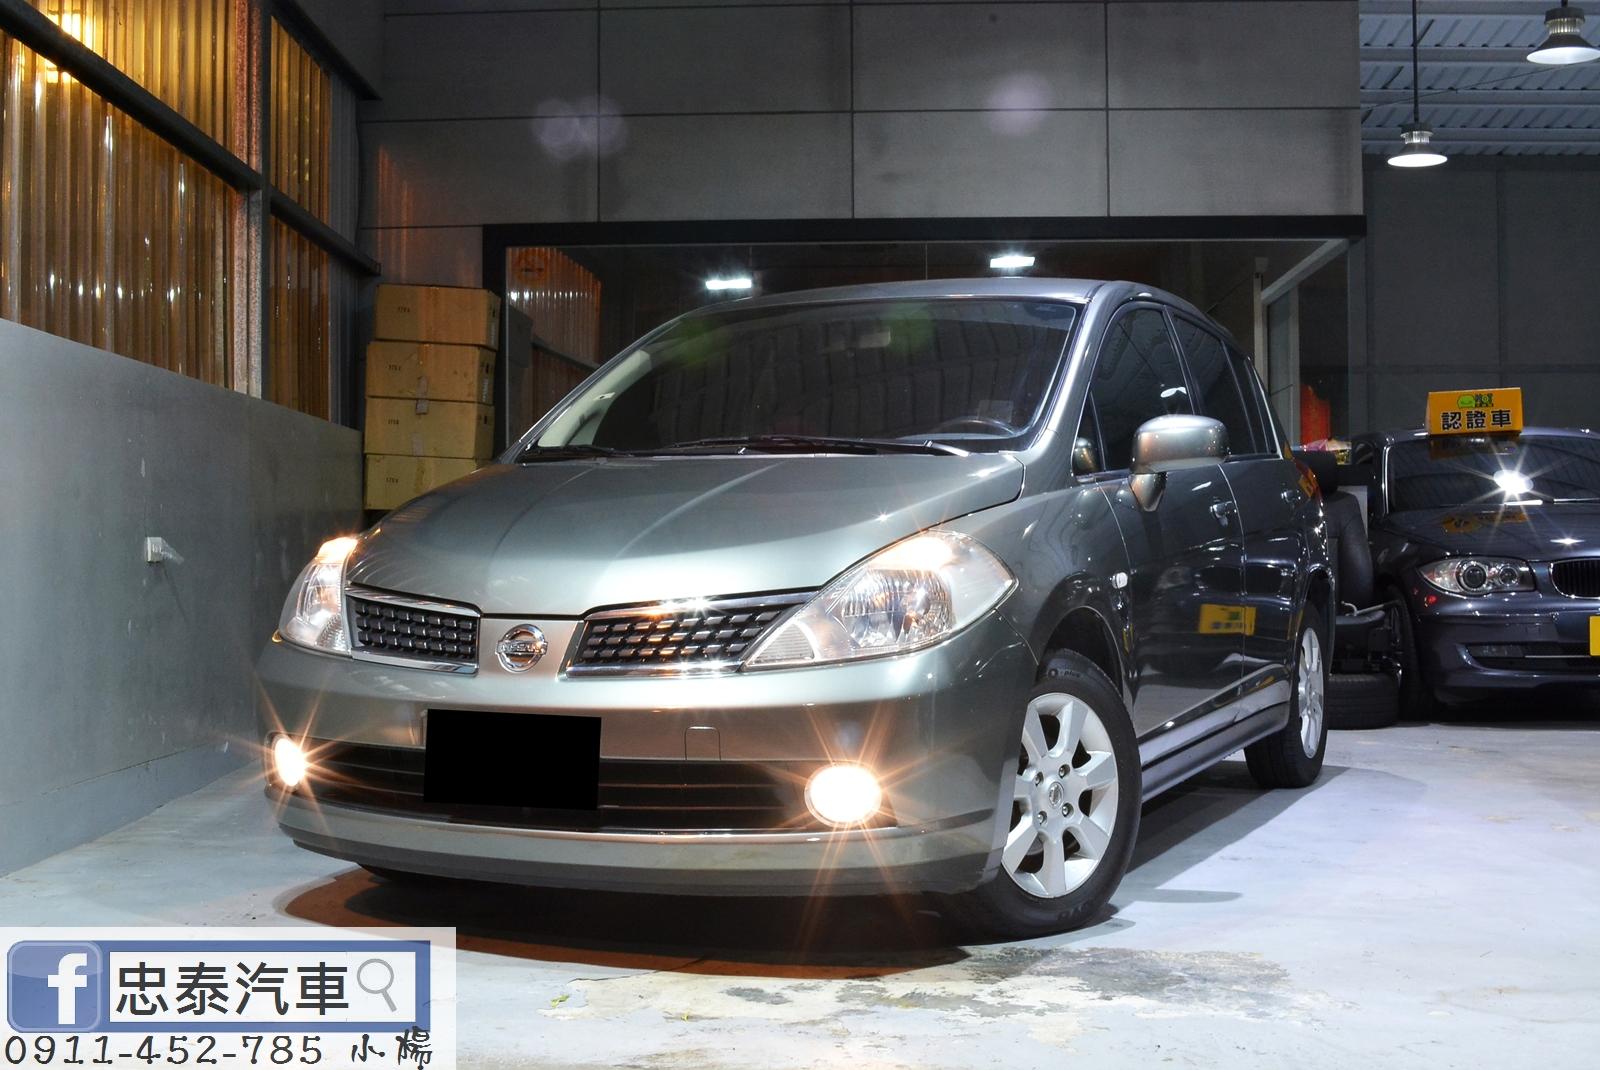 2008 Nissan 日產 Tiida